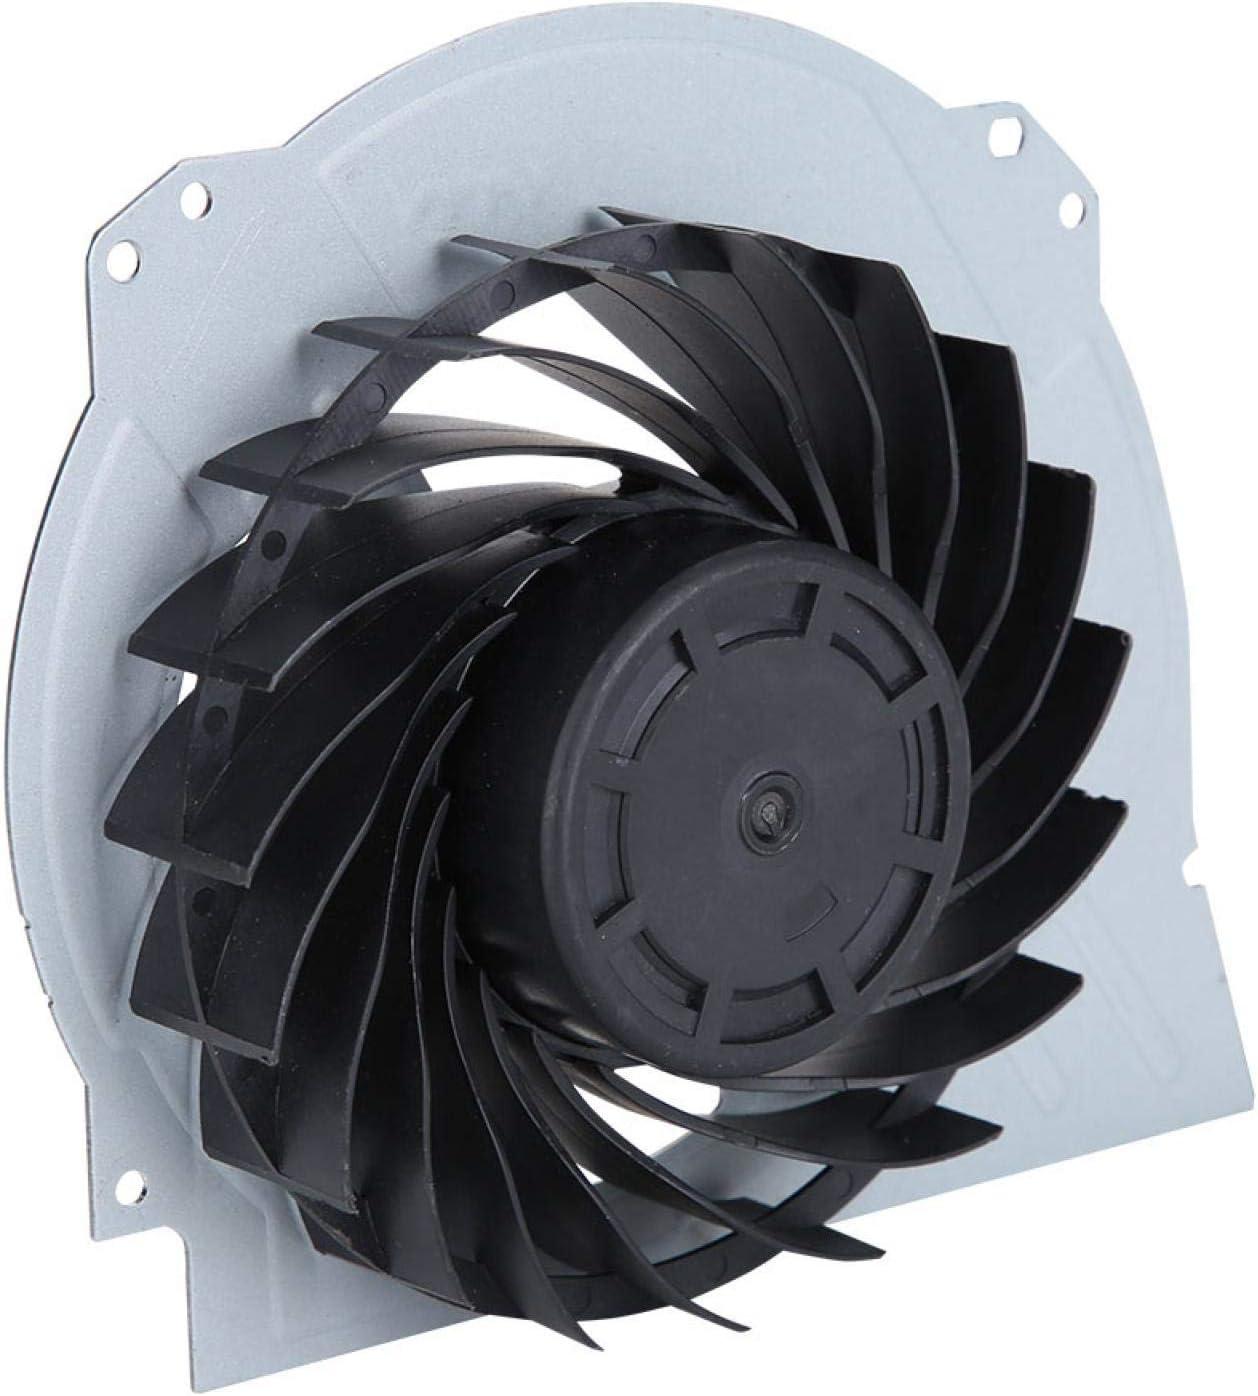 GUSTAR Ventilador de refrigeración portátil Interno Compacto de Repuesto para Pro 7000-7500